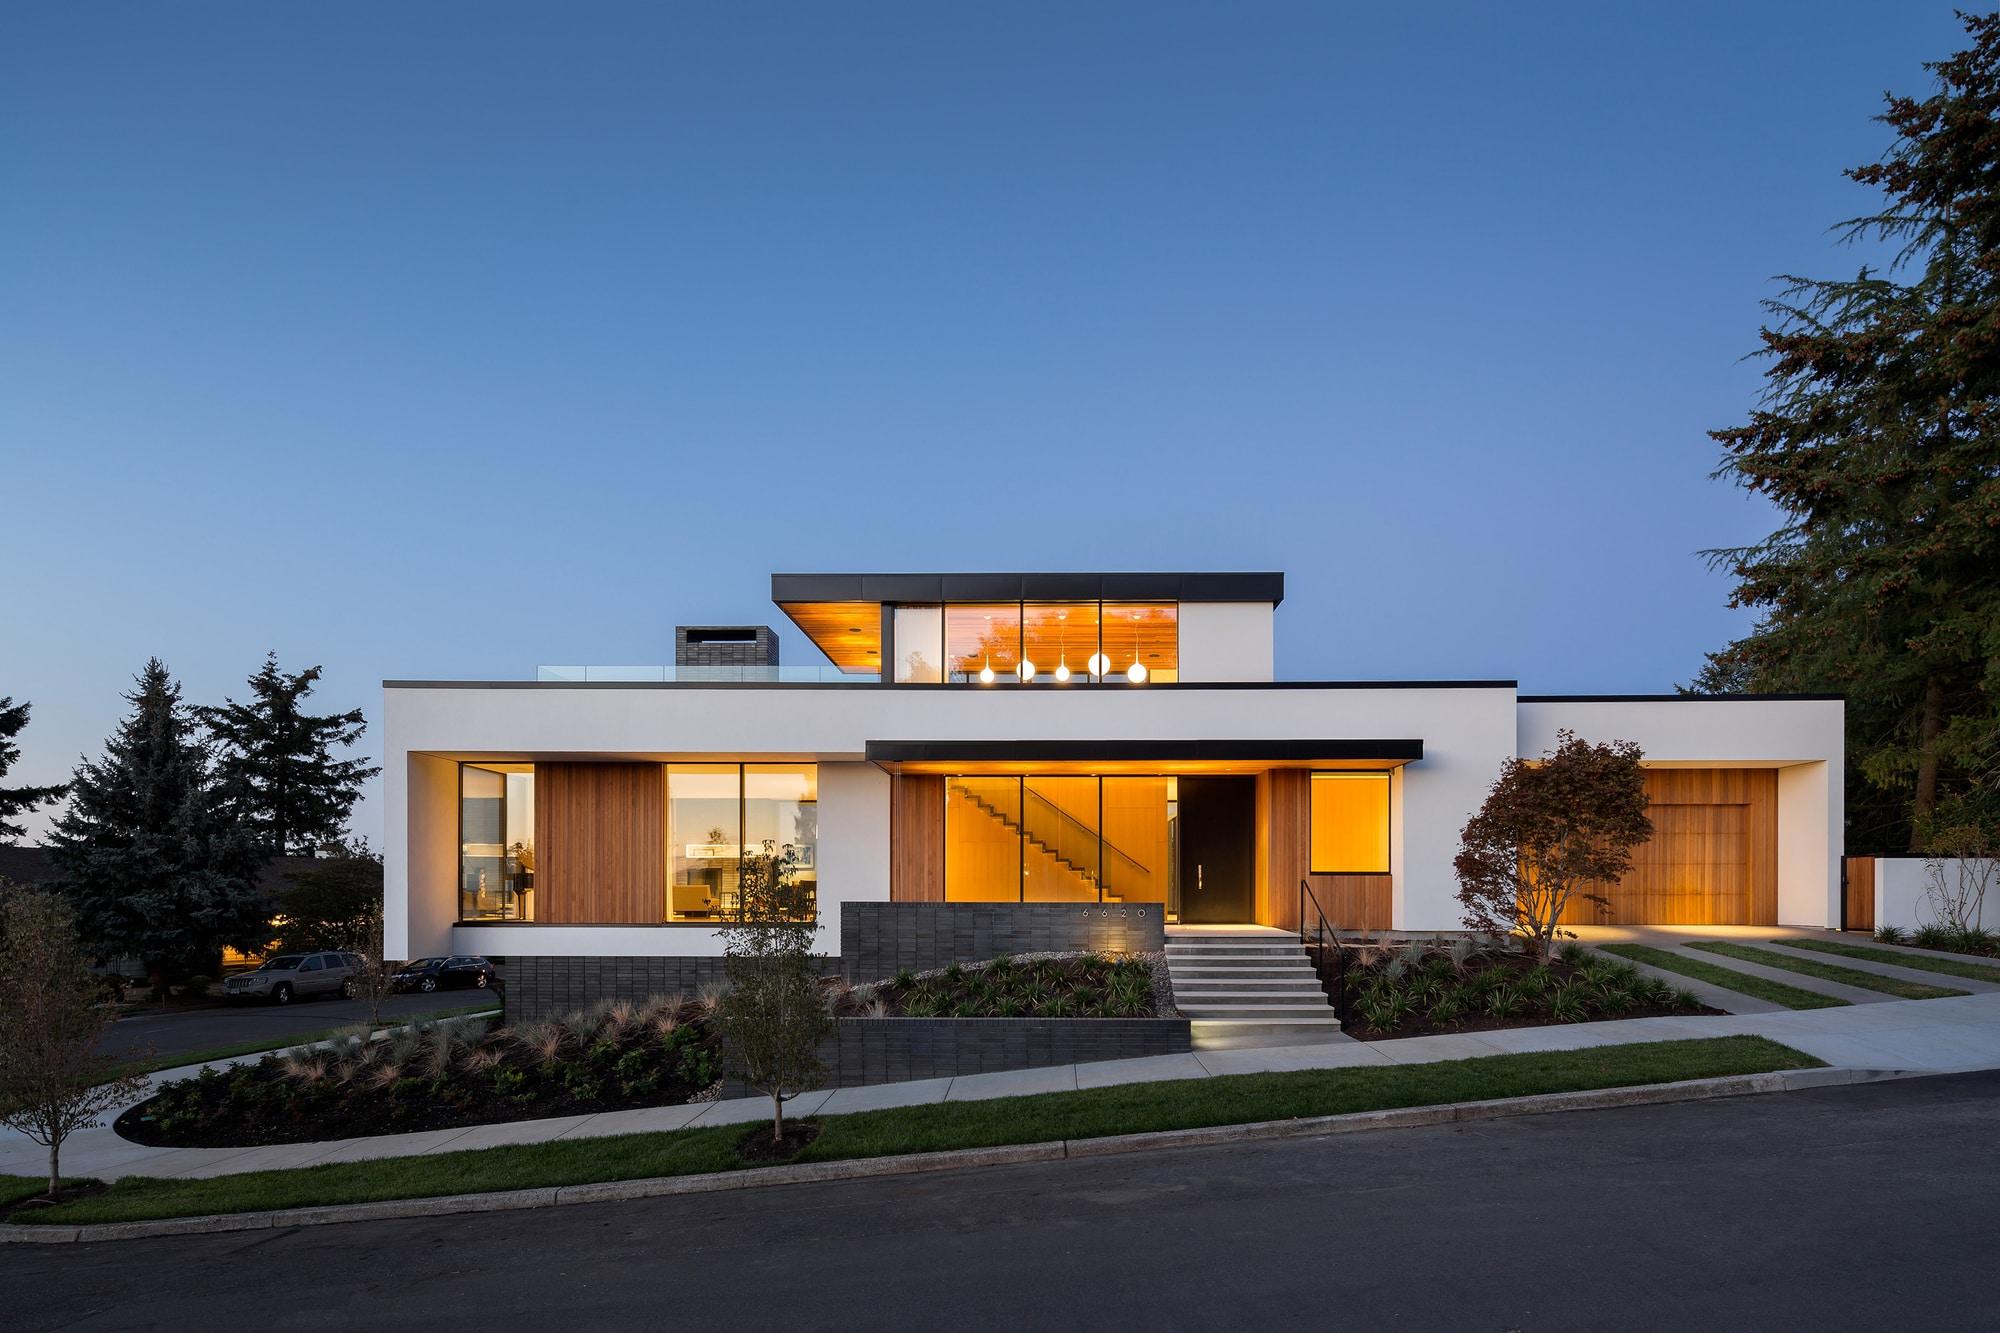 Dise o de casa de un piso moderna planos for Fachada de casas modernas